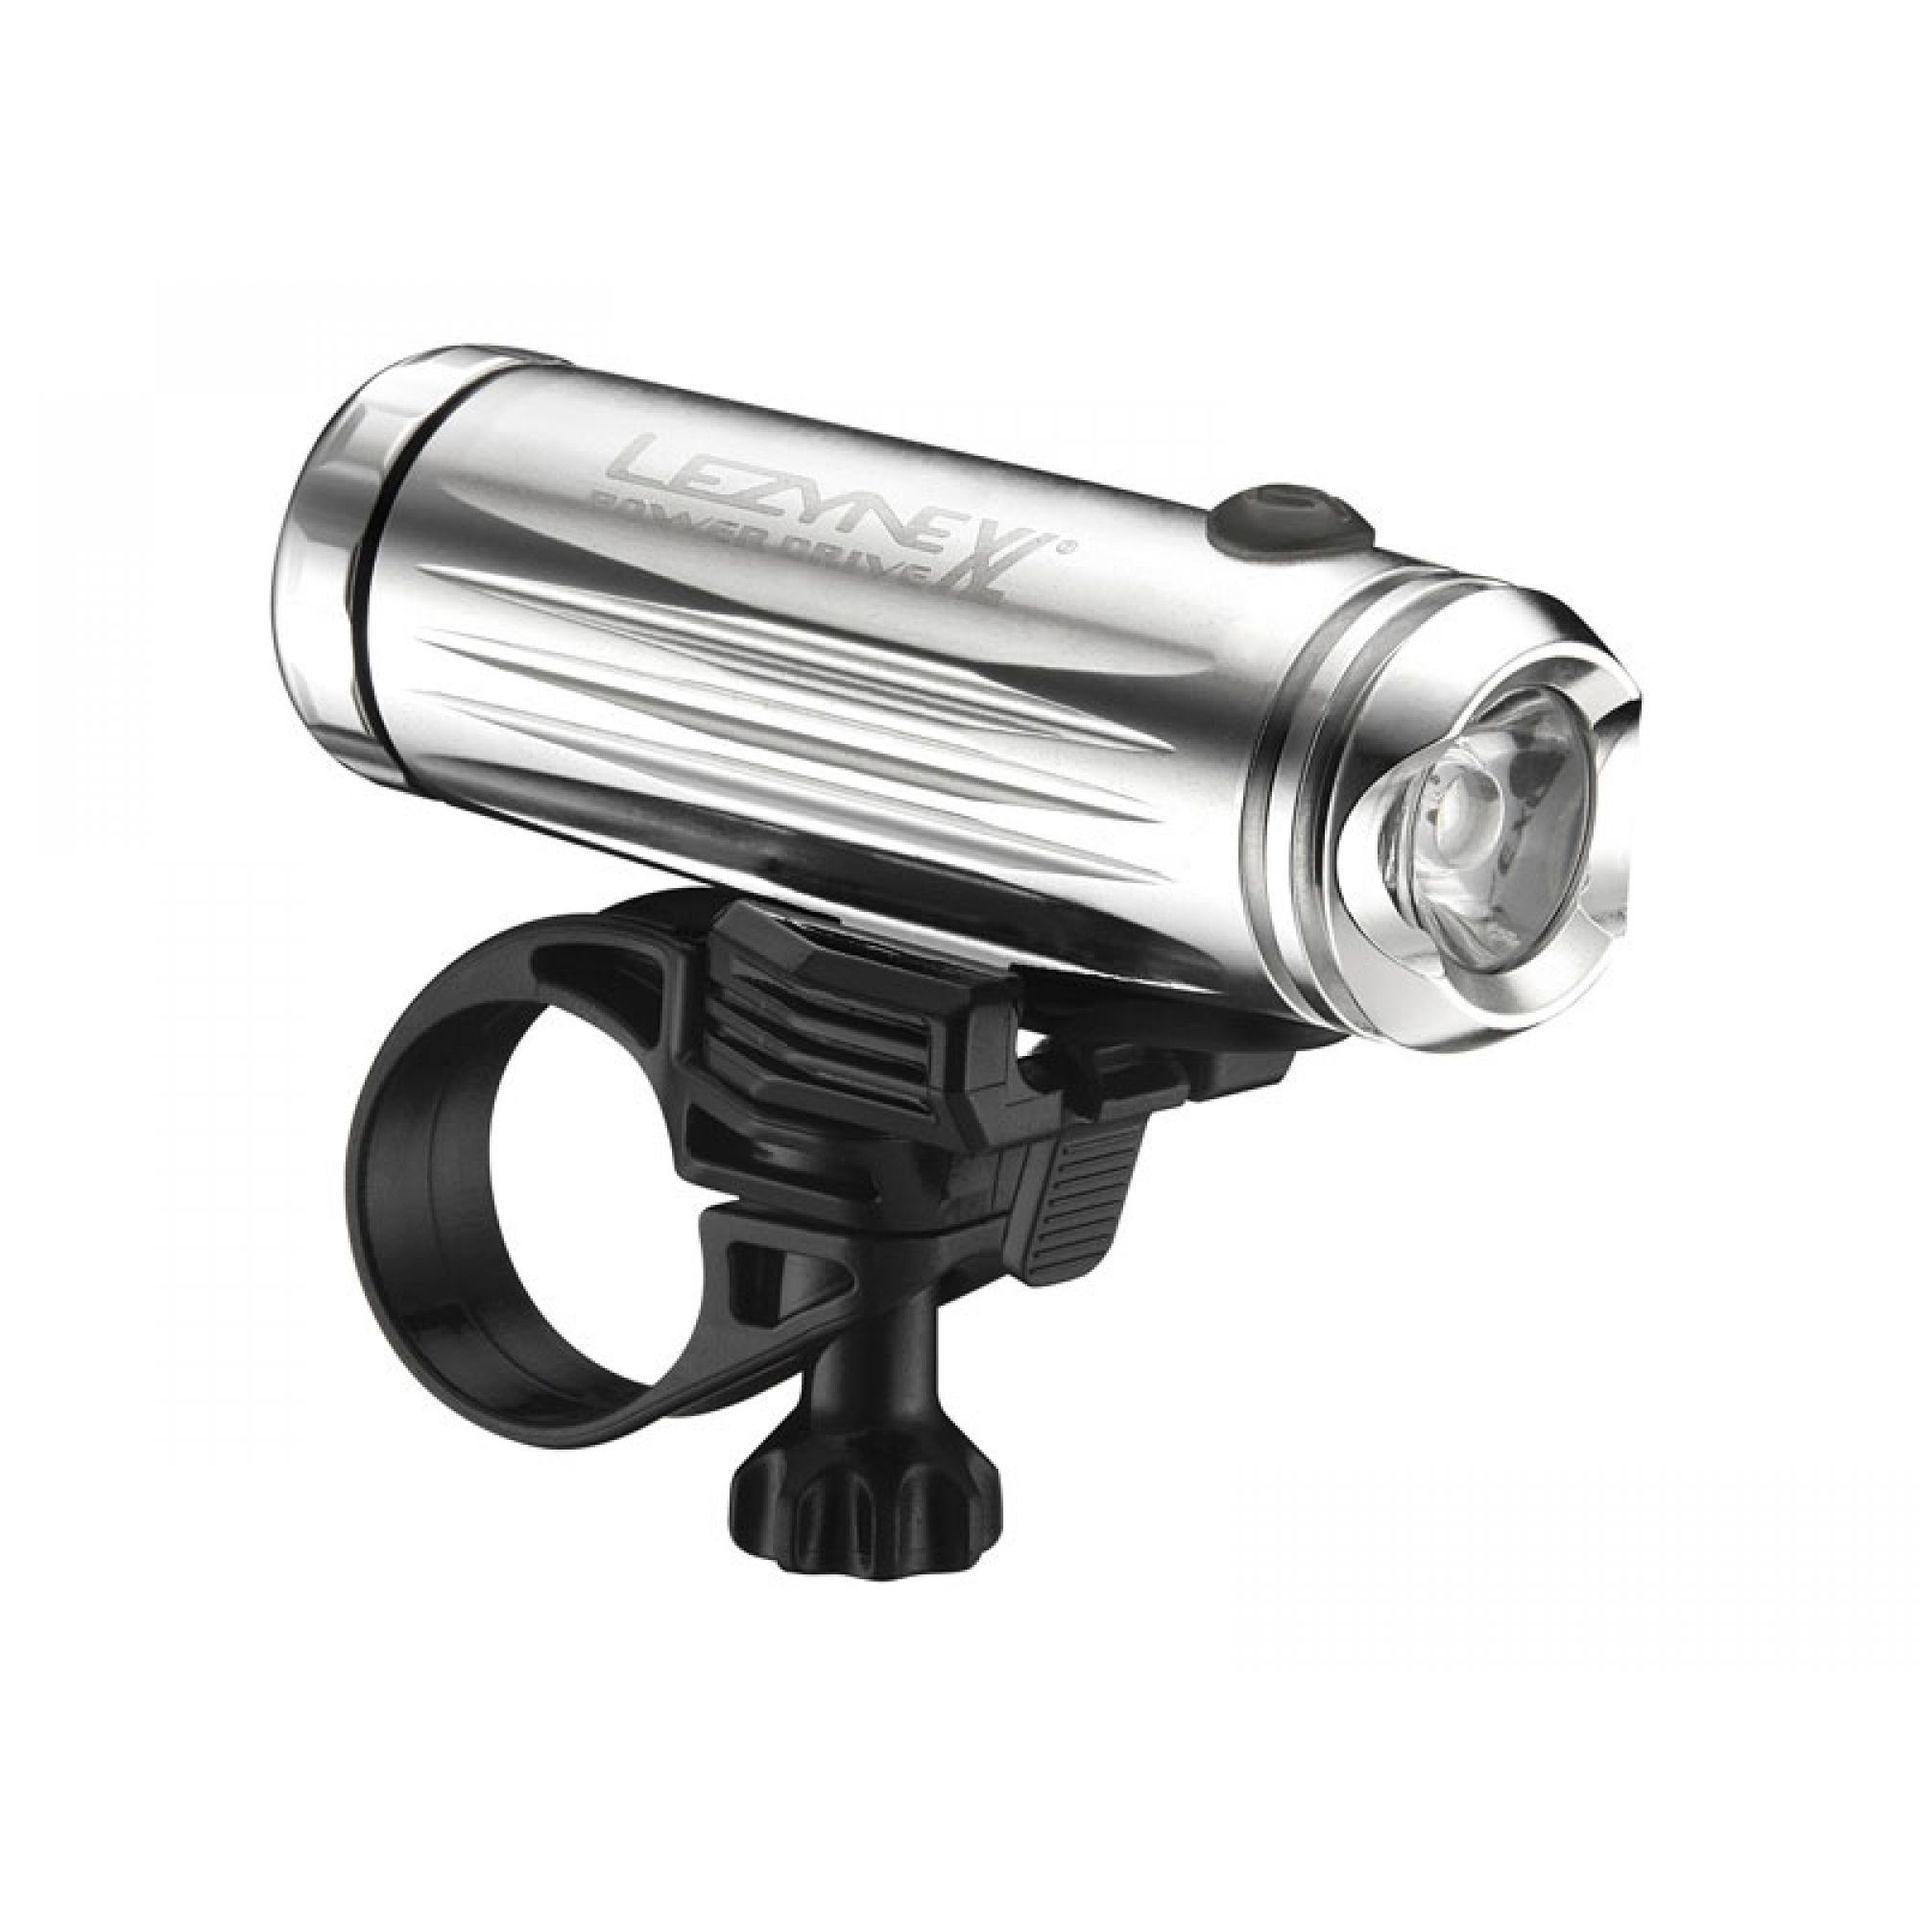 LAMPKA ROWEROWA PRZEDNIA LEZYNE LED POWER DRIVE XL